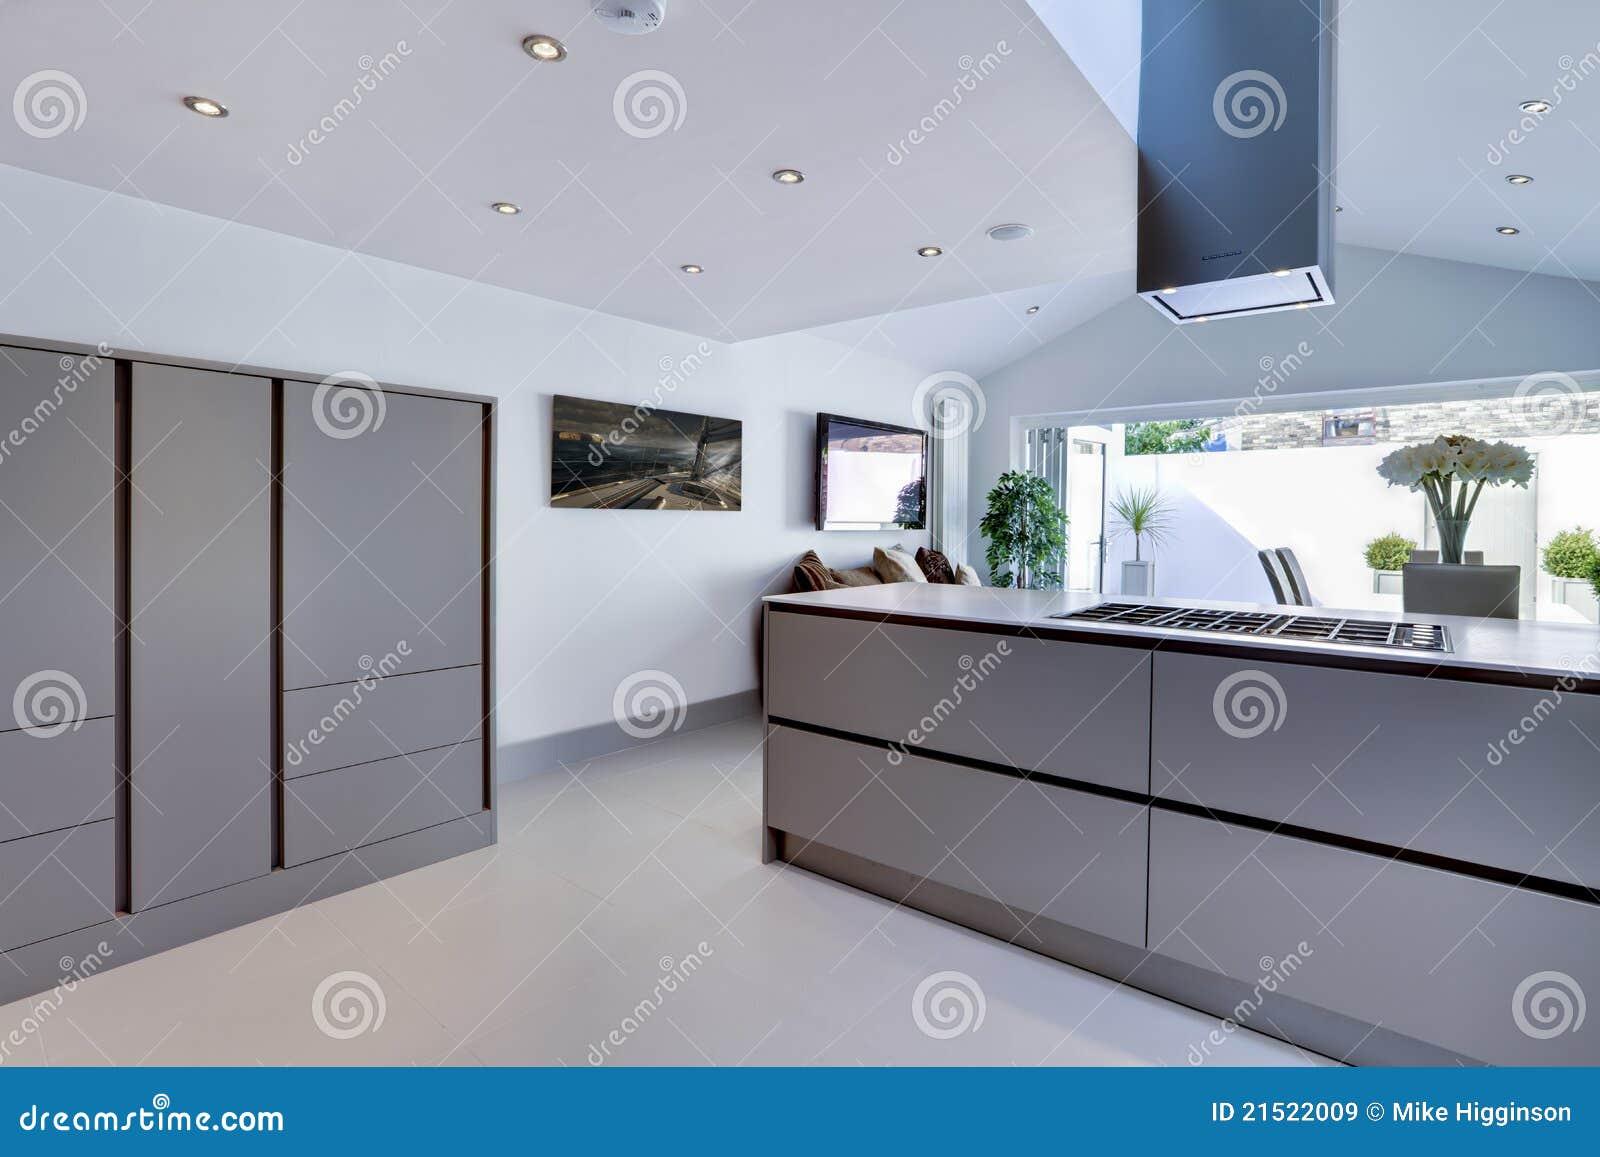 Cozinha Moderna Chique Imagem De Stock Imagem De Chic 21522009